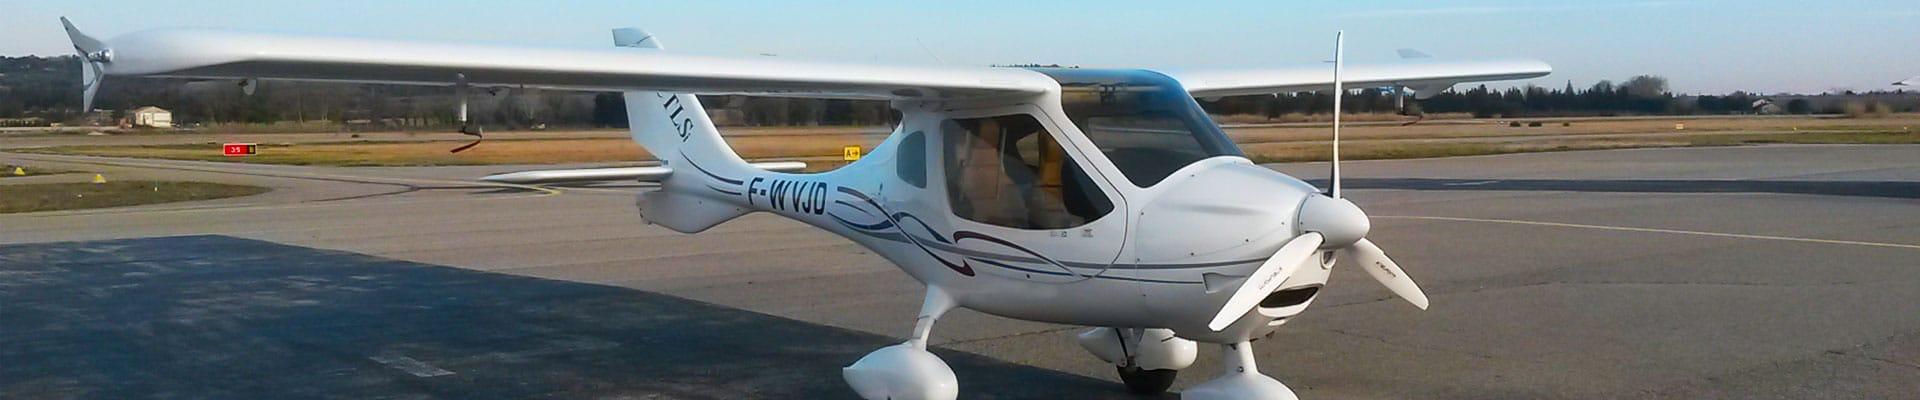 aeroclub vauclusien partenaire de SudVTC chauffeur privé